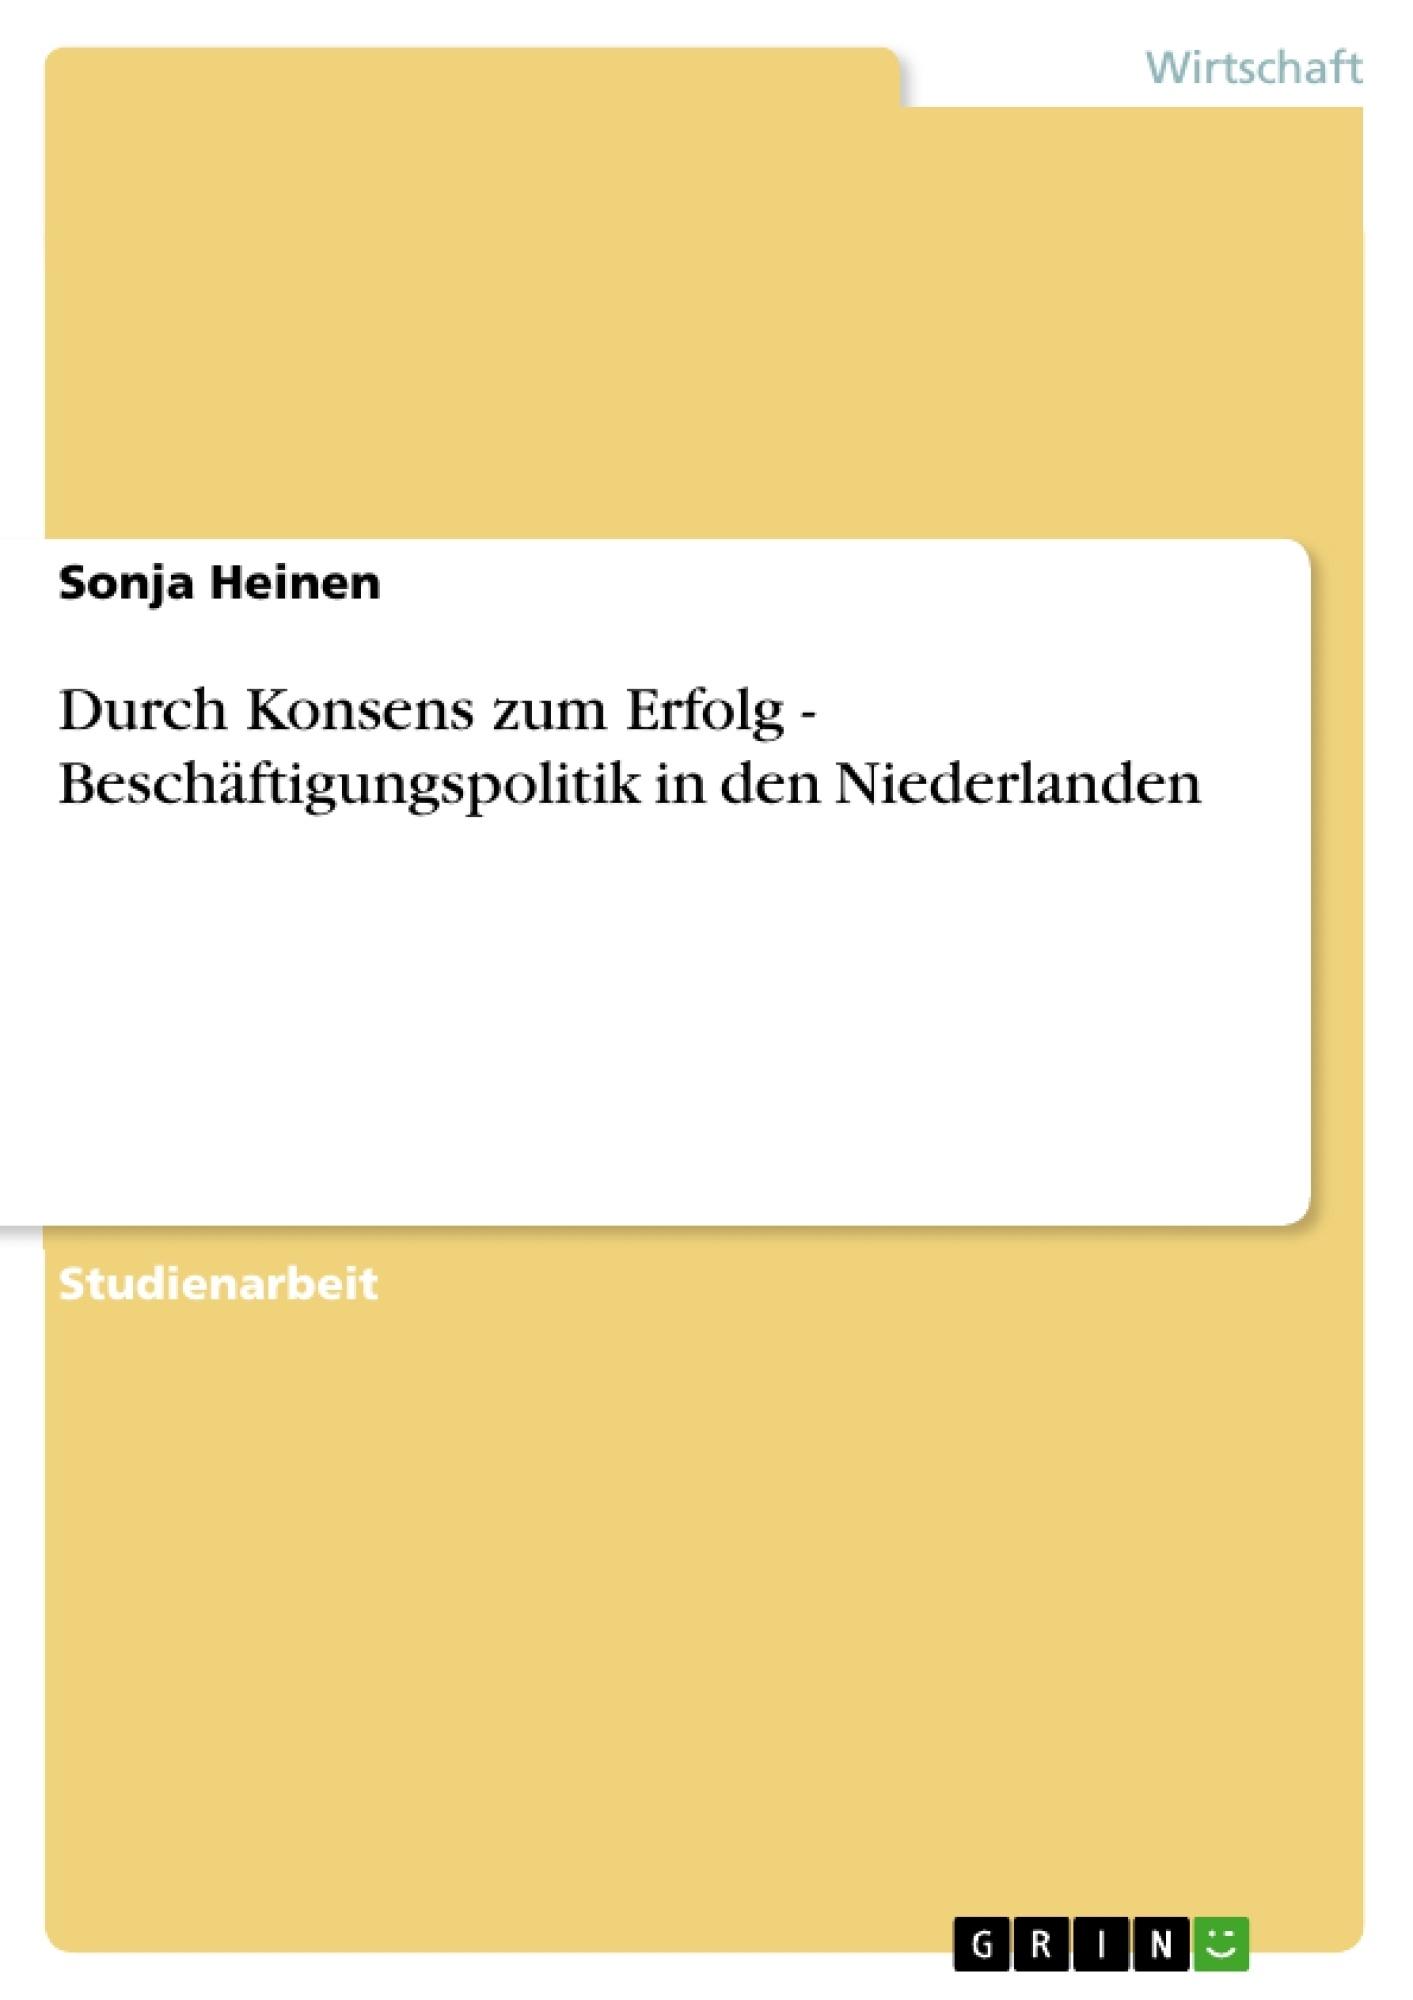 Titel: Durch Konsens zum Erfolg - Beschäftigungspolitik in den Niederlanden